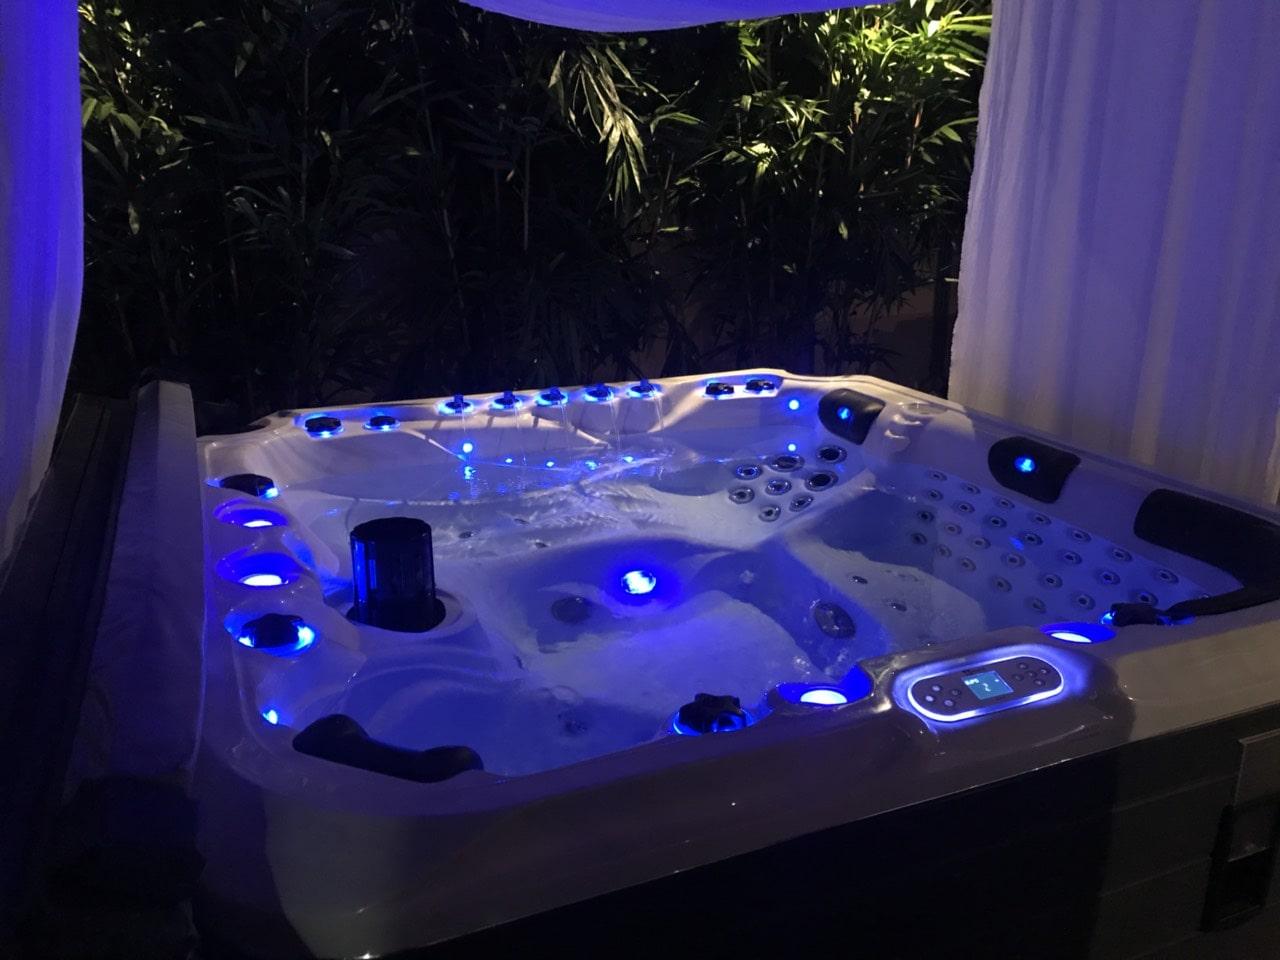 Преимущества встраиваемых СПА-бассейнов